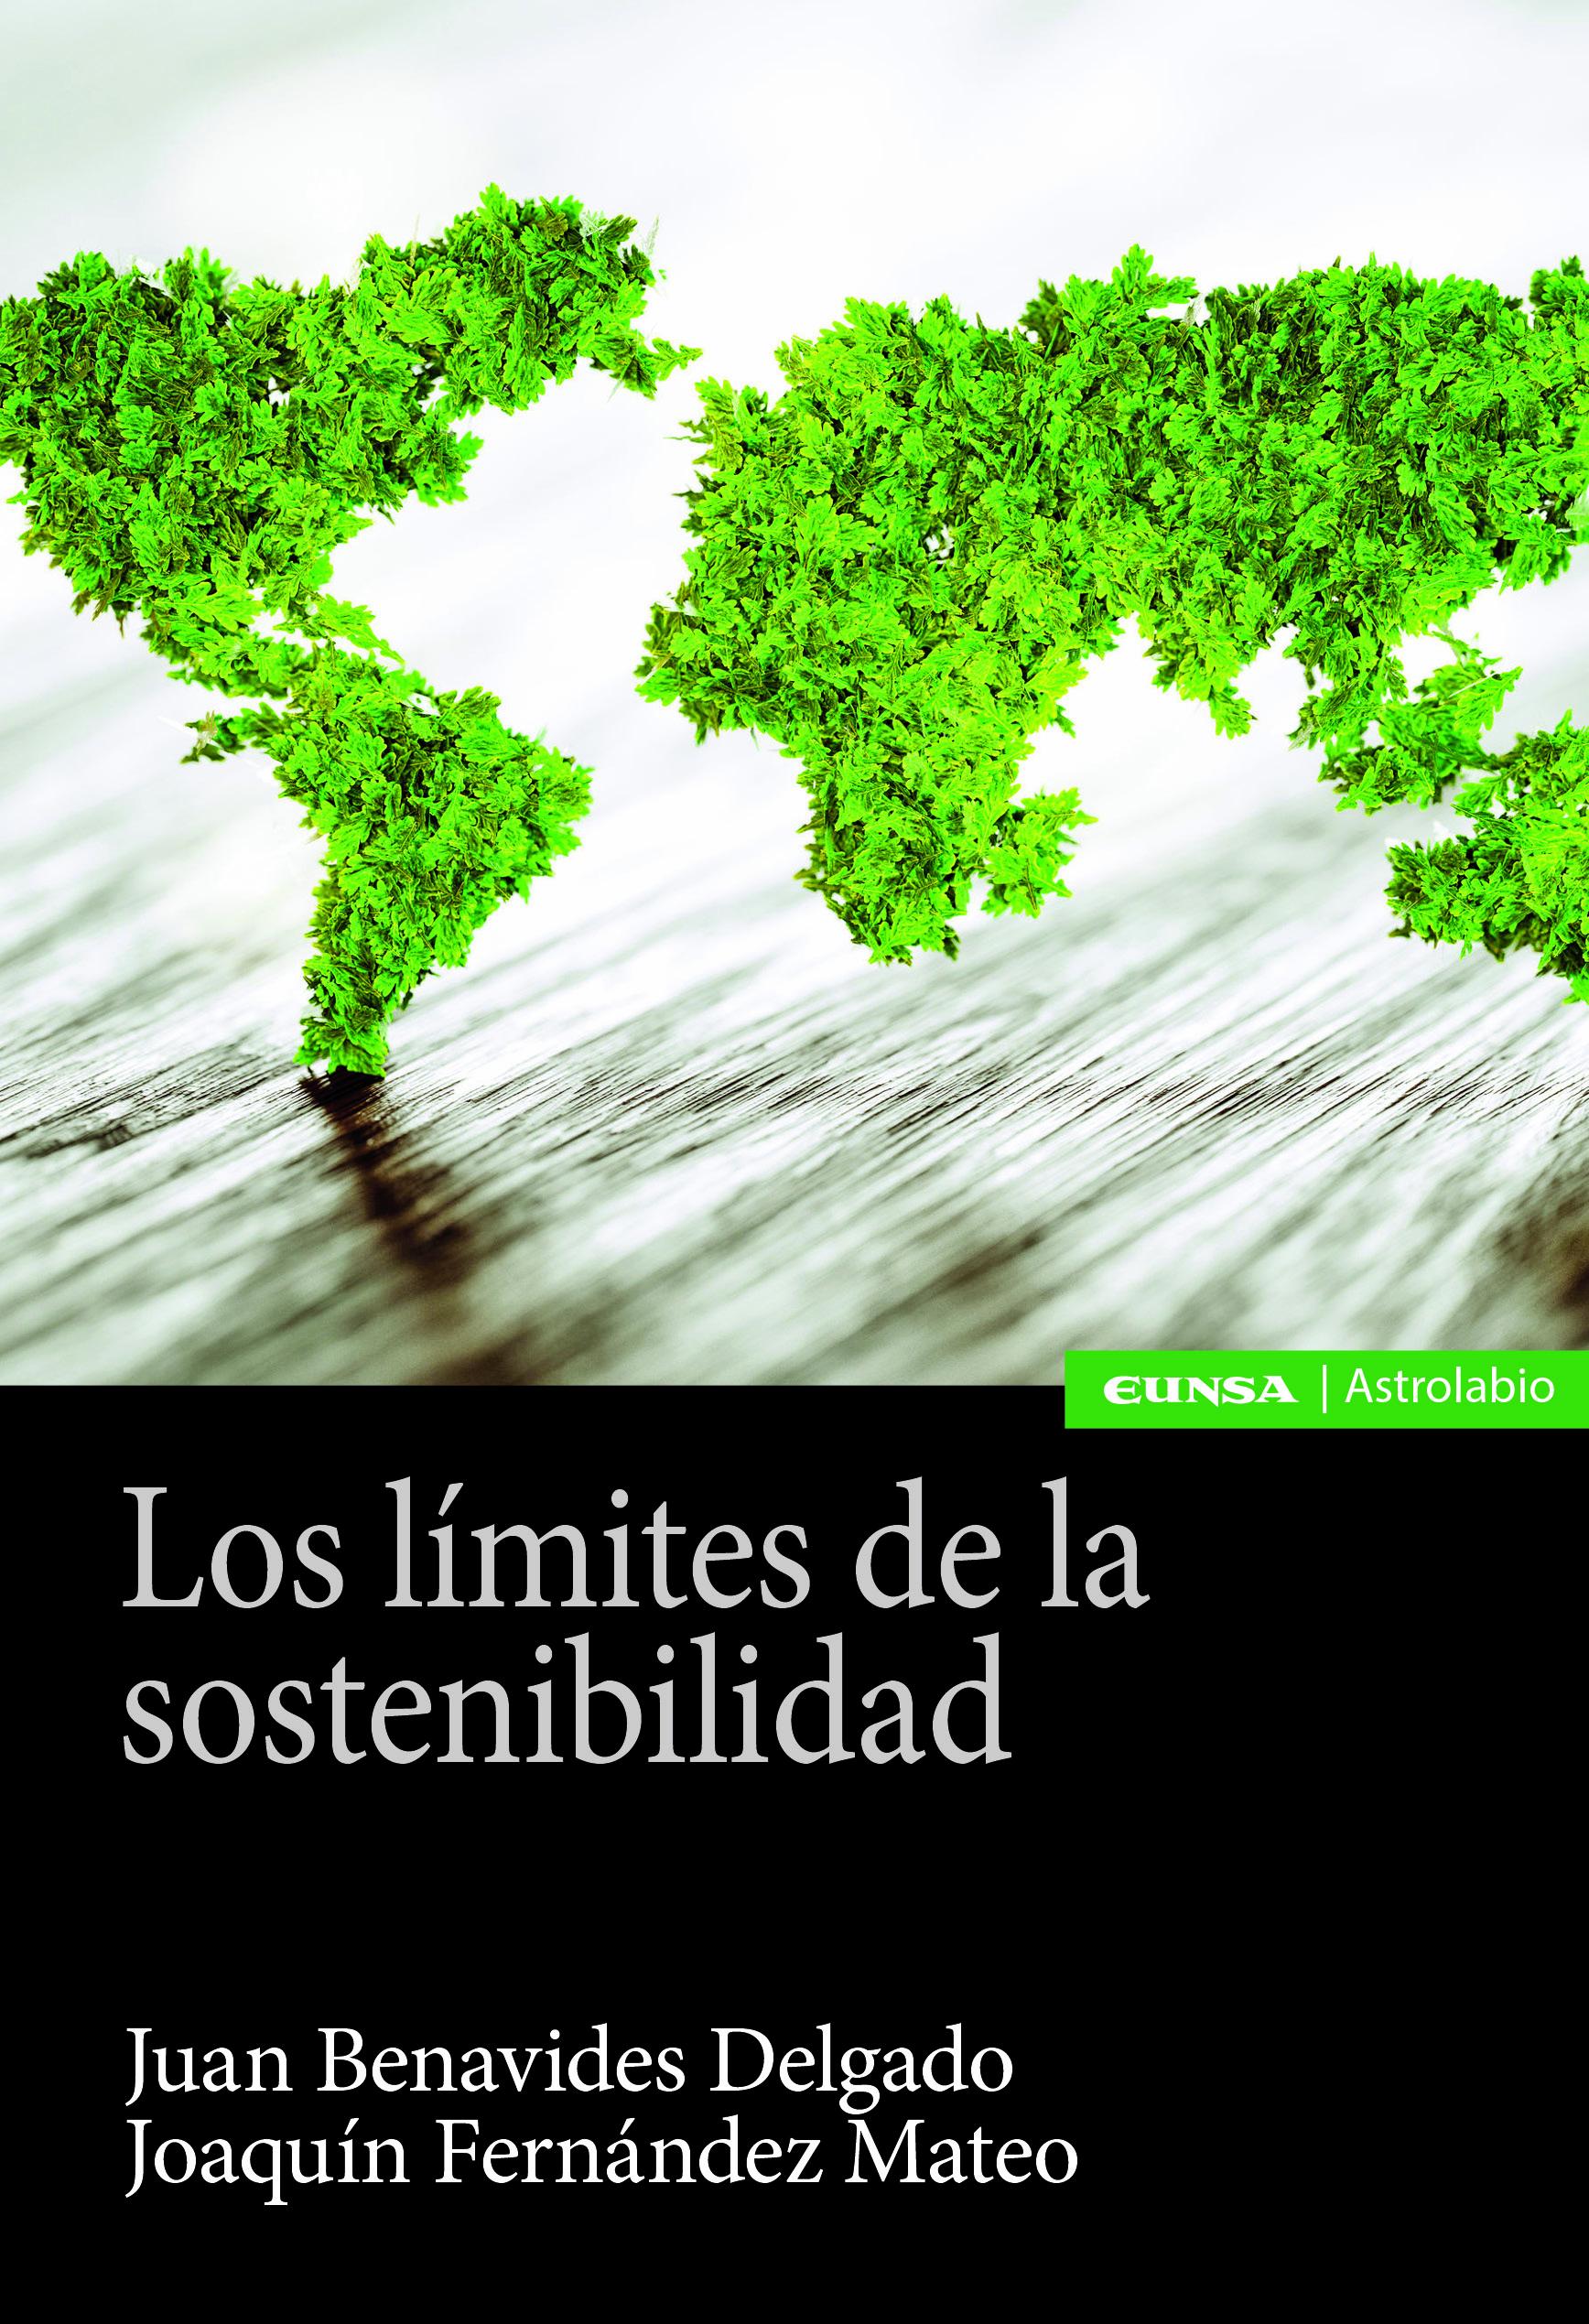 Los límites de la sostenibilidad